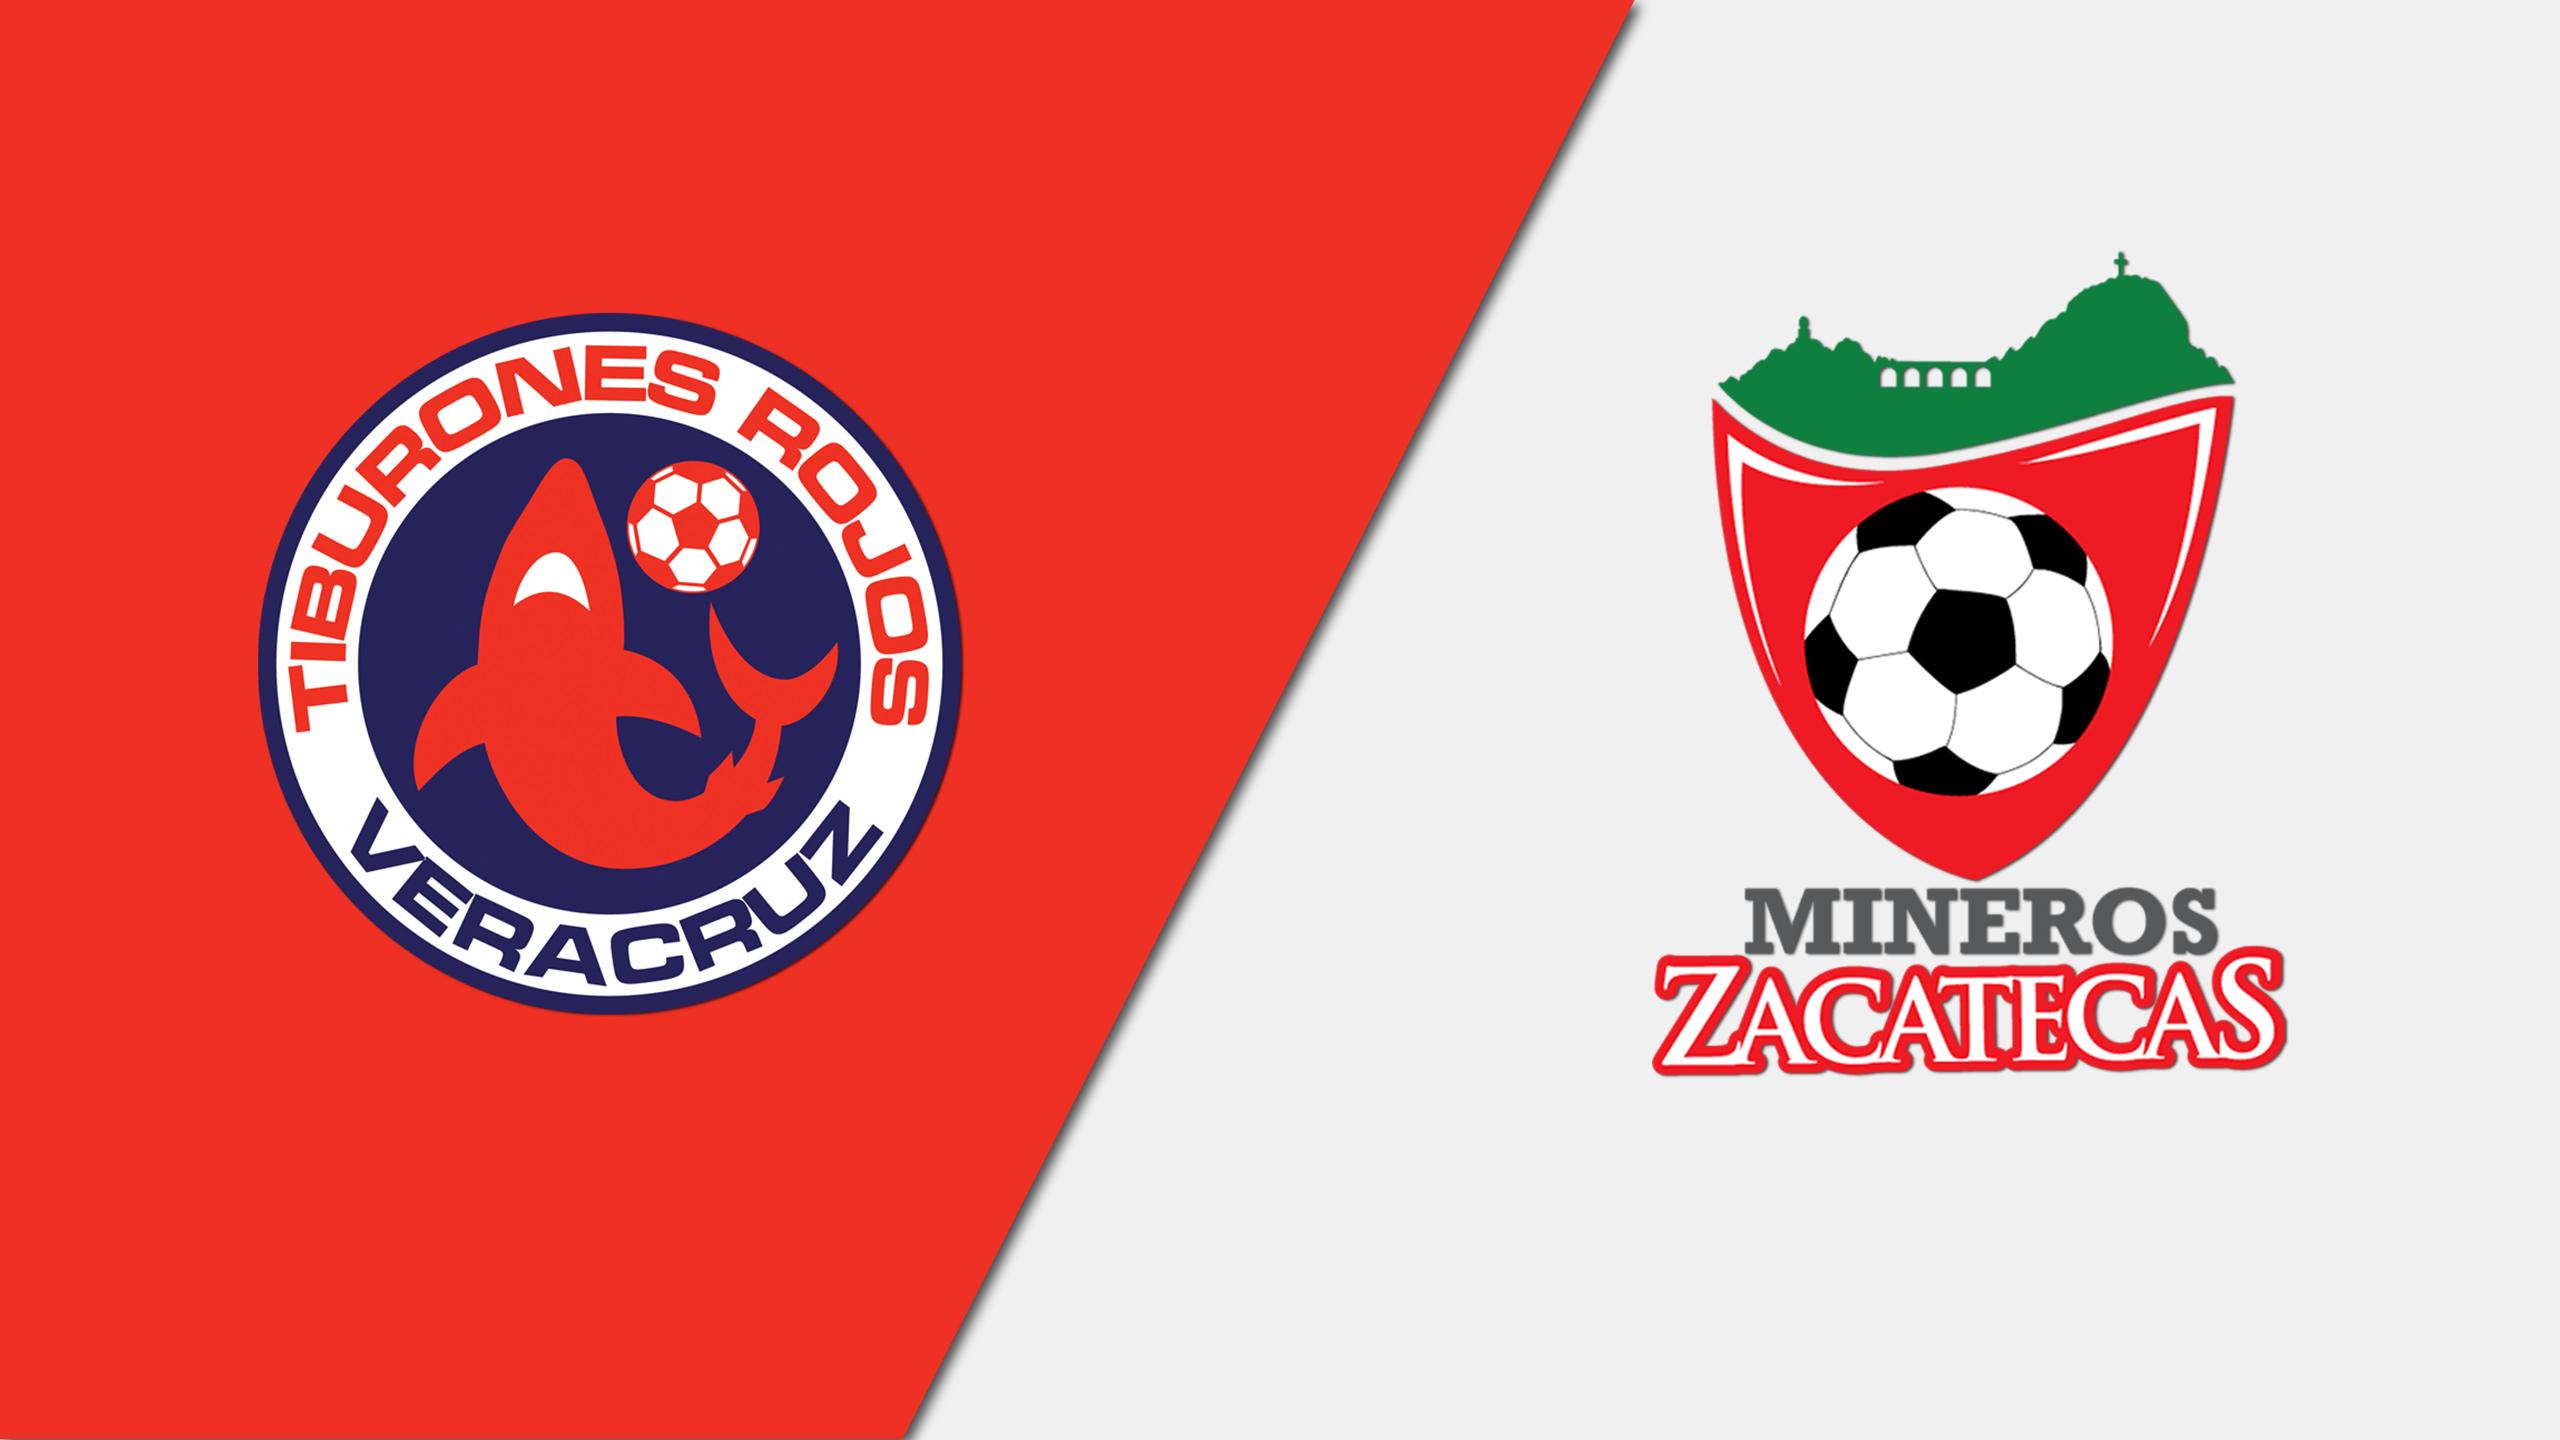 Tiburones Rojos de Veracruz vs. Mineros de Zacatecas (Jornada 6)